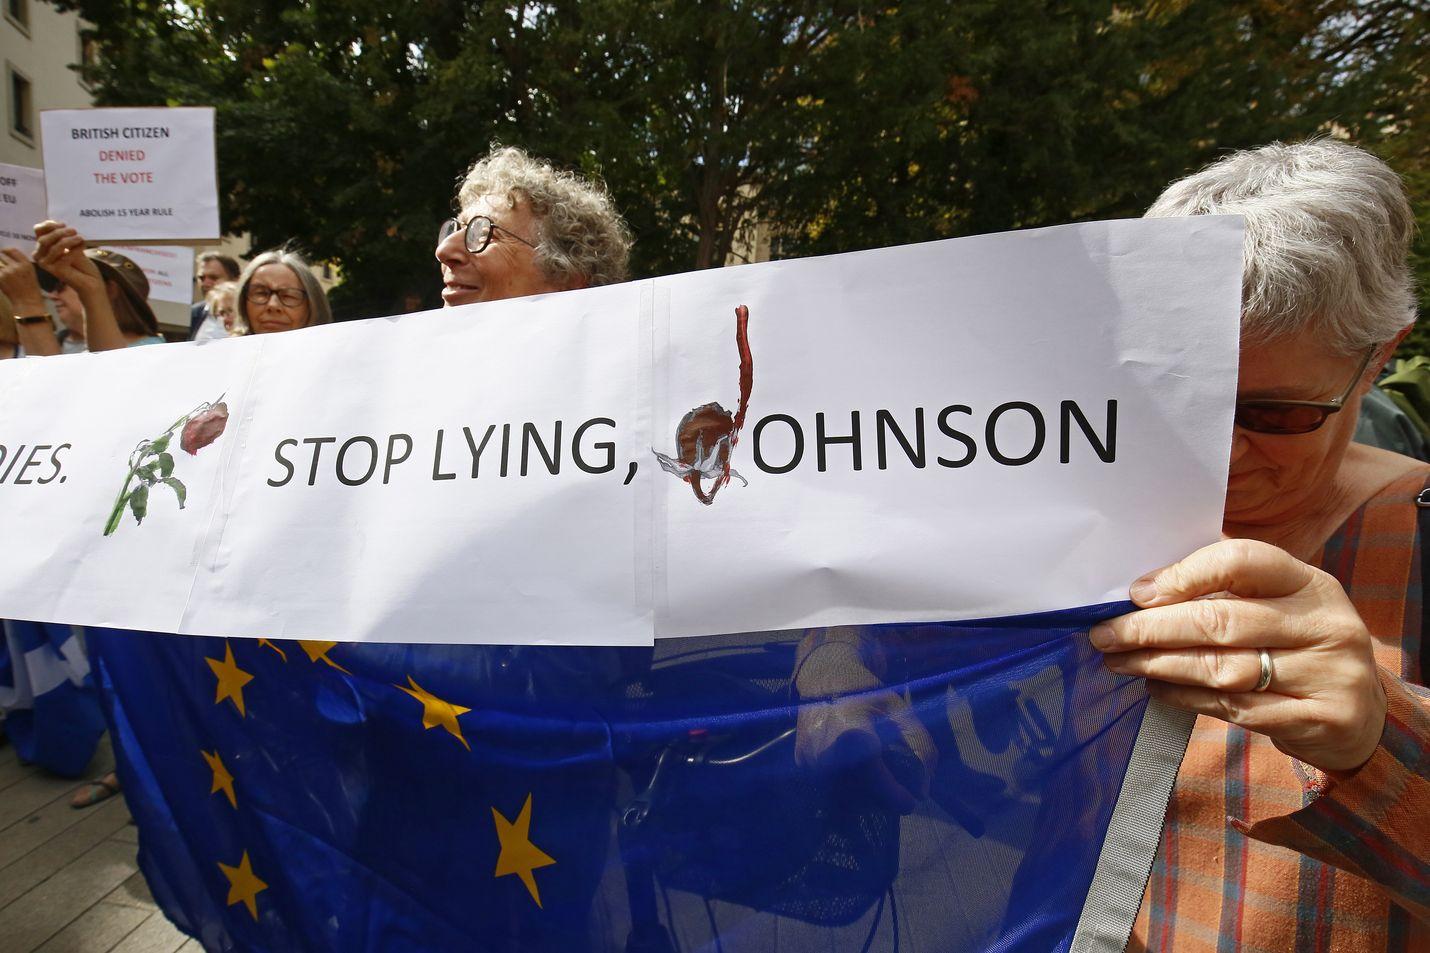 Brexitiä vastustavat mielenosoittajat vaativat pääministeri Boris Johnsonia lopettamaan valehtelemisen Luxemburgissa maanantaina.